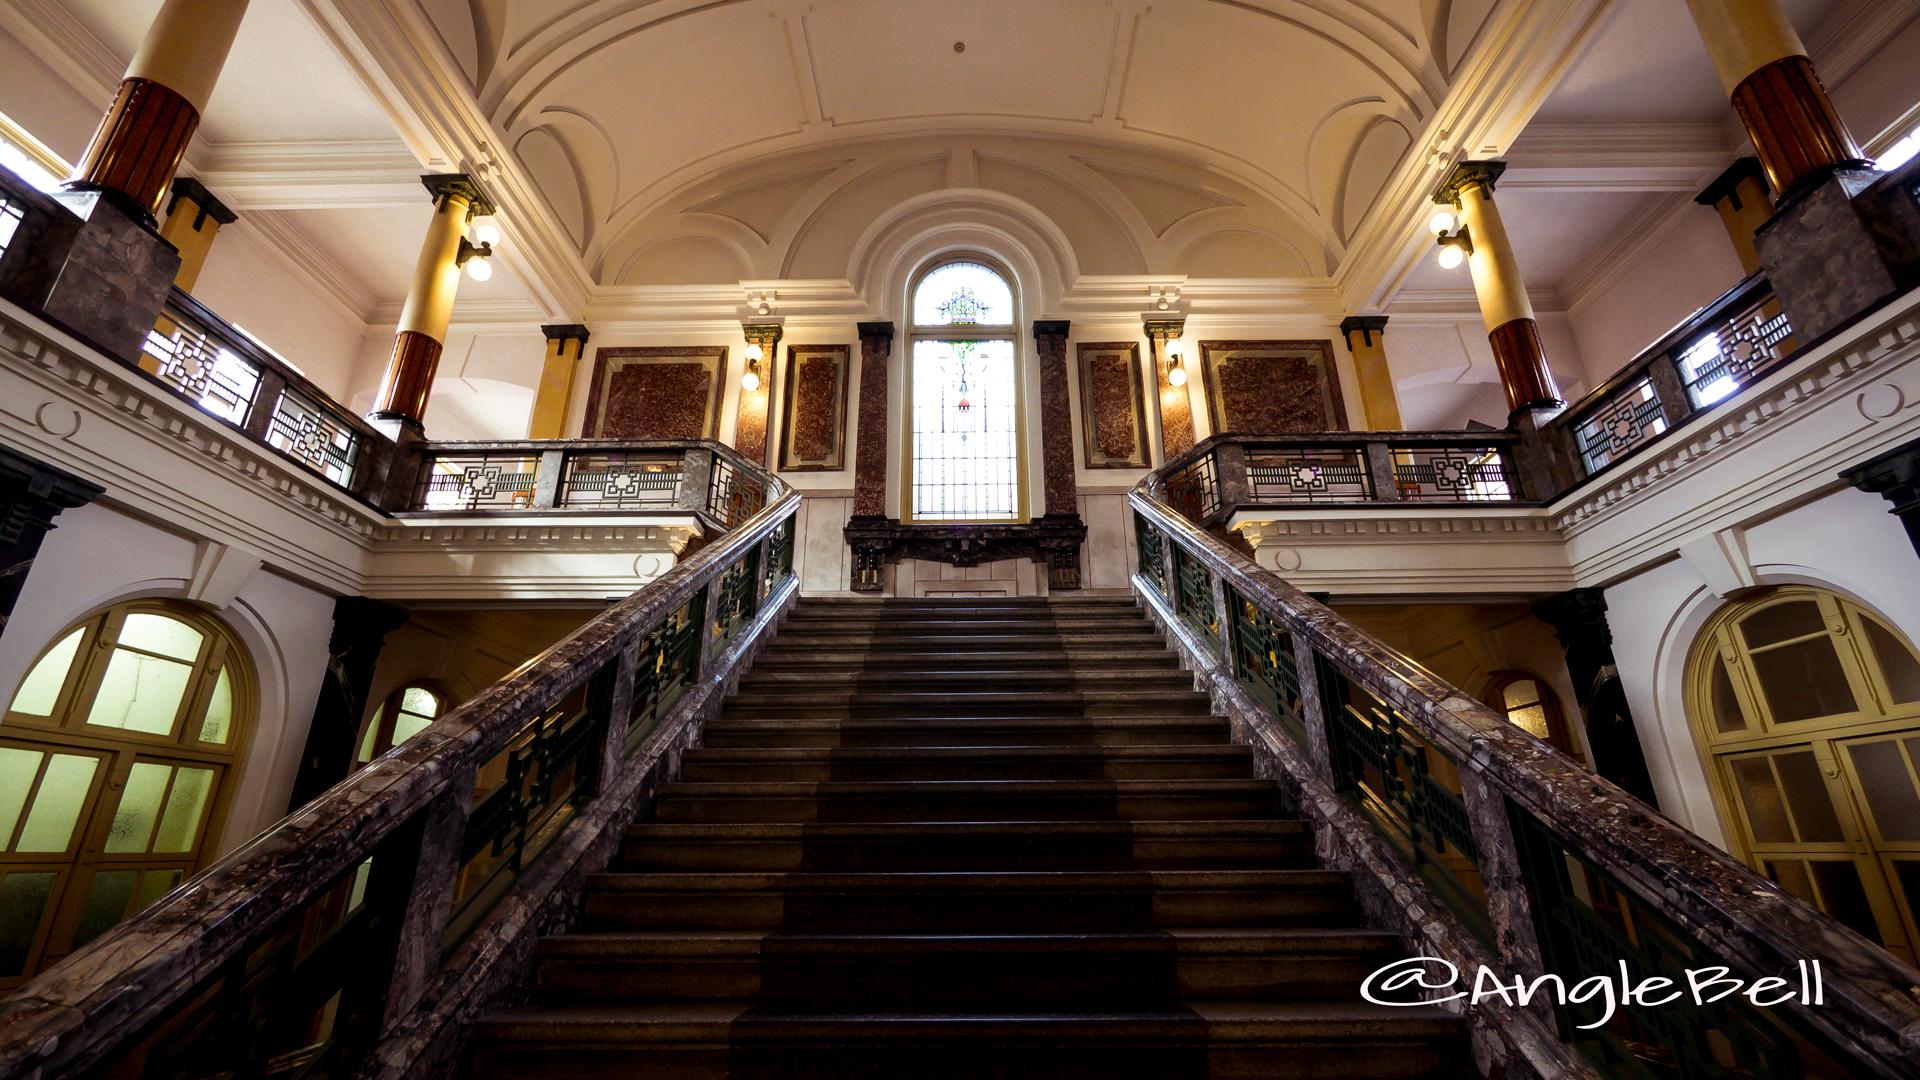 名古屋市市政資料館 中央階段室